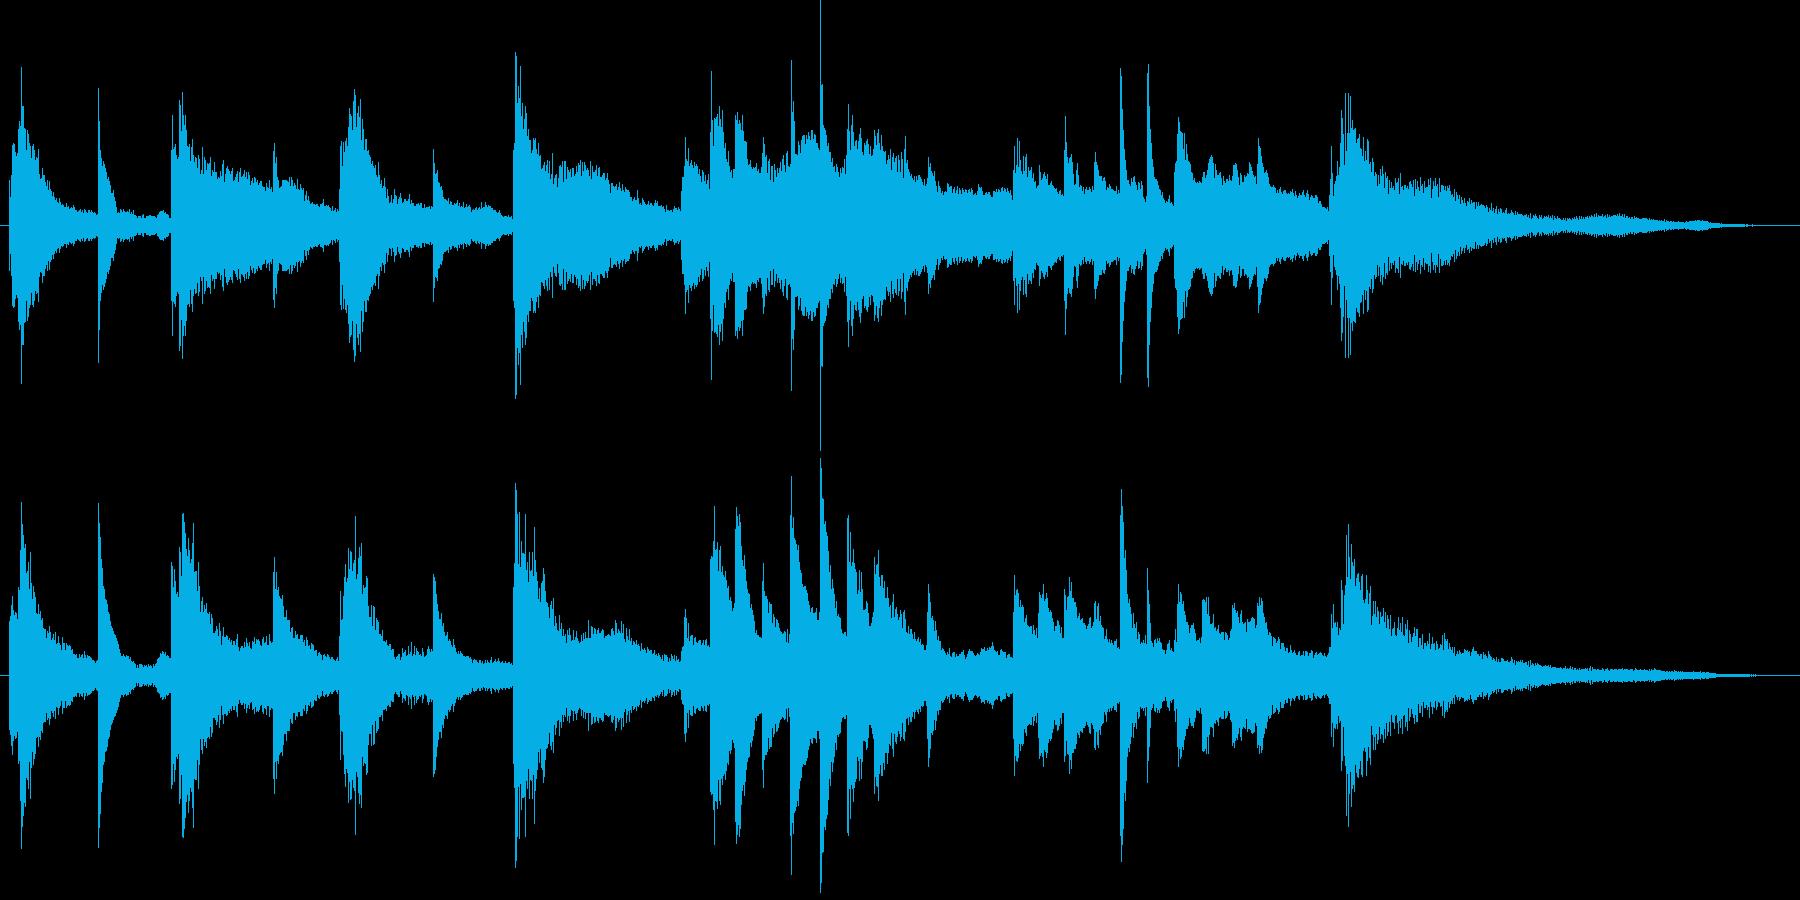 神秘的な雰囲気のピアノソロジングルの再生済みの波形